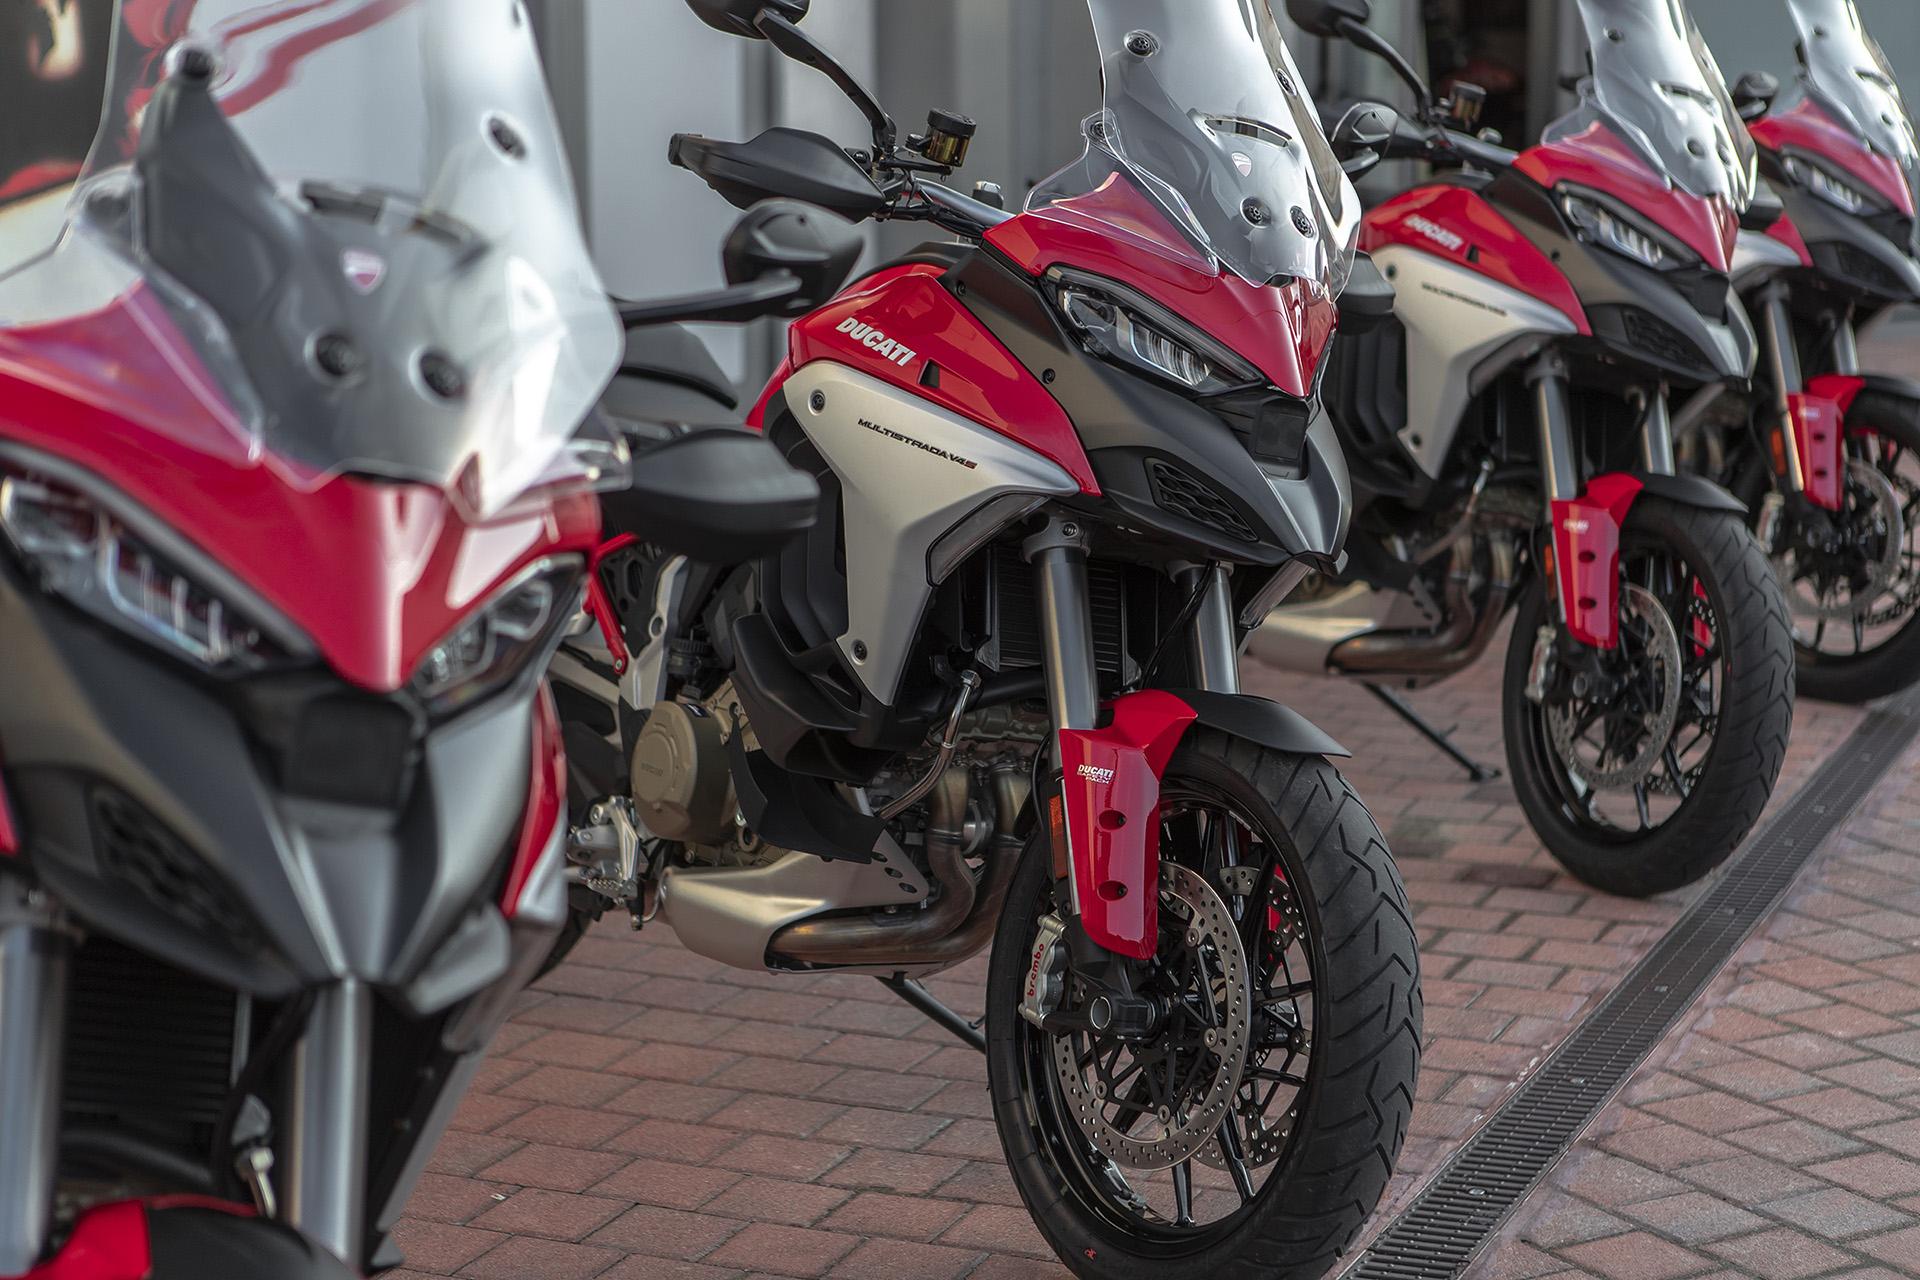 Ducati: Ανοδικό το πρώτο τρίμηνο του 2021